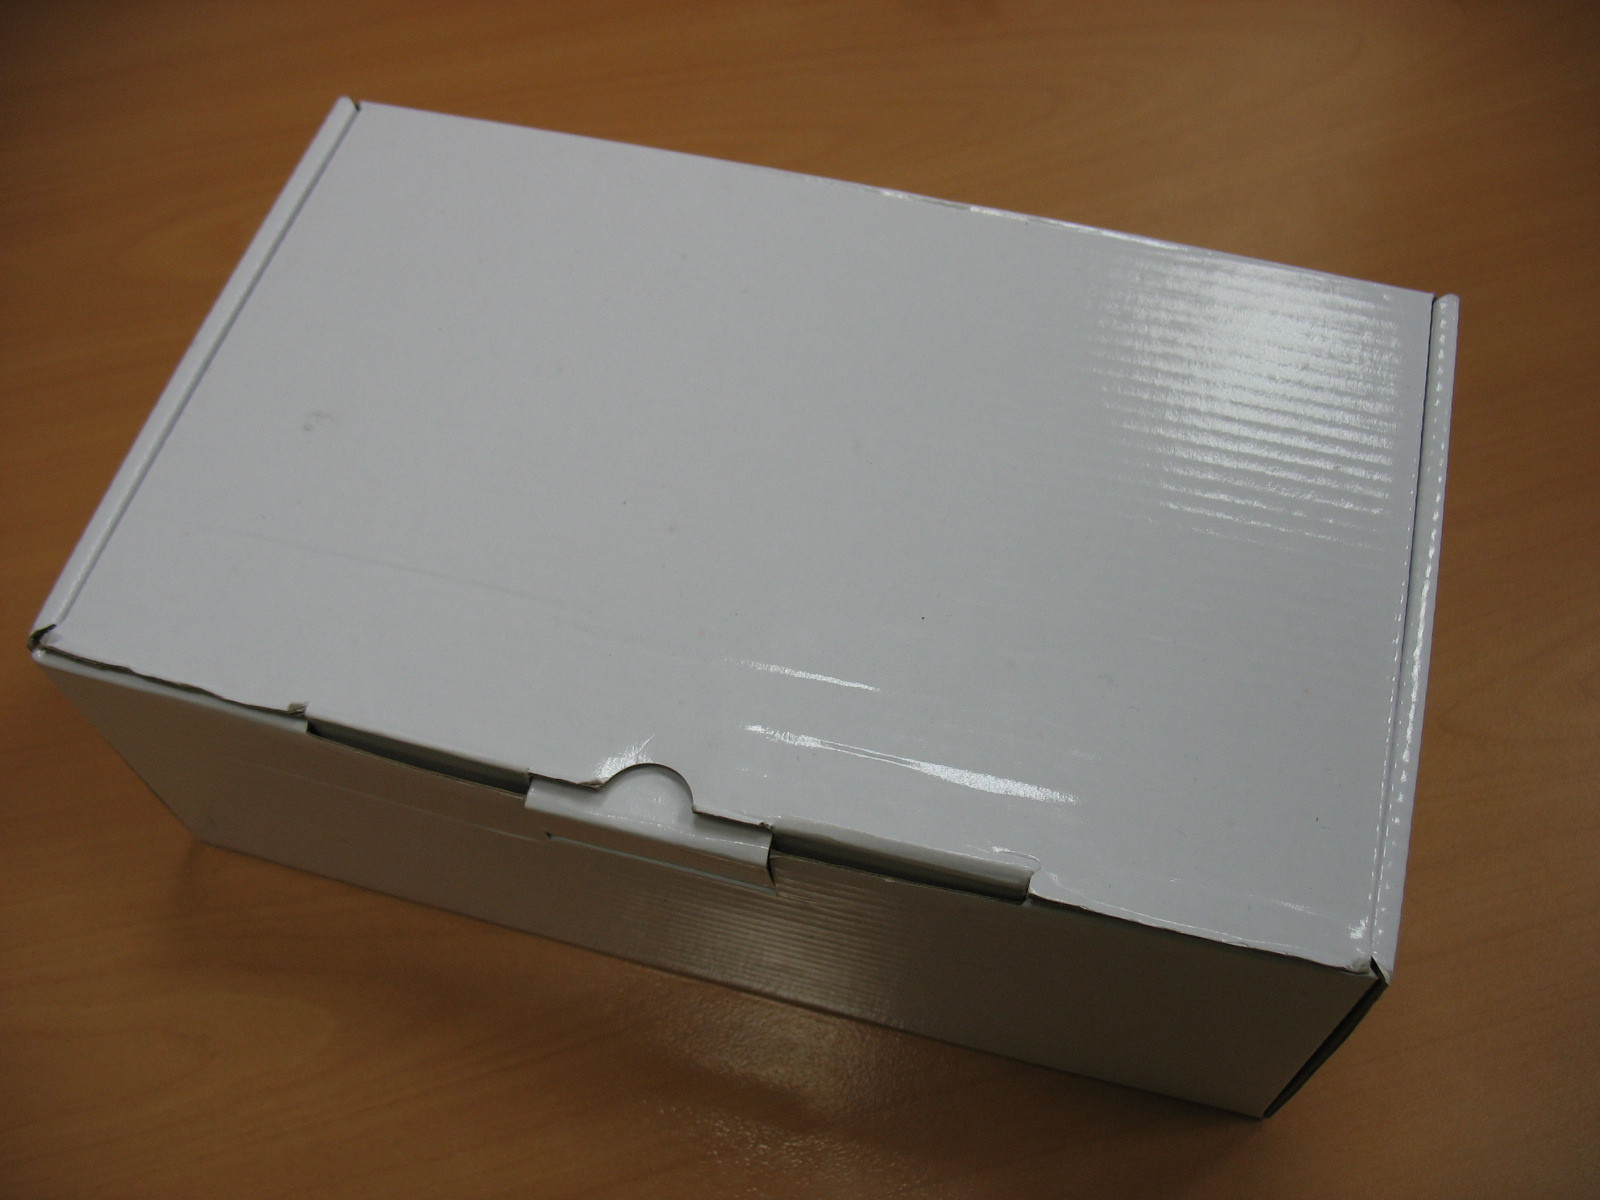 Вид упаковки